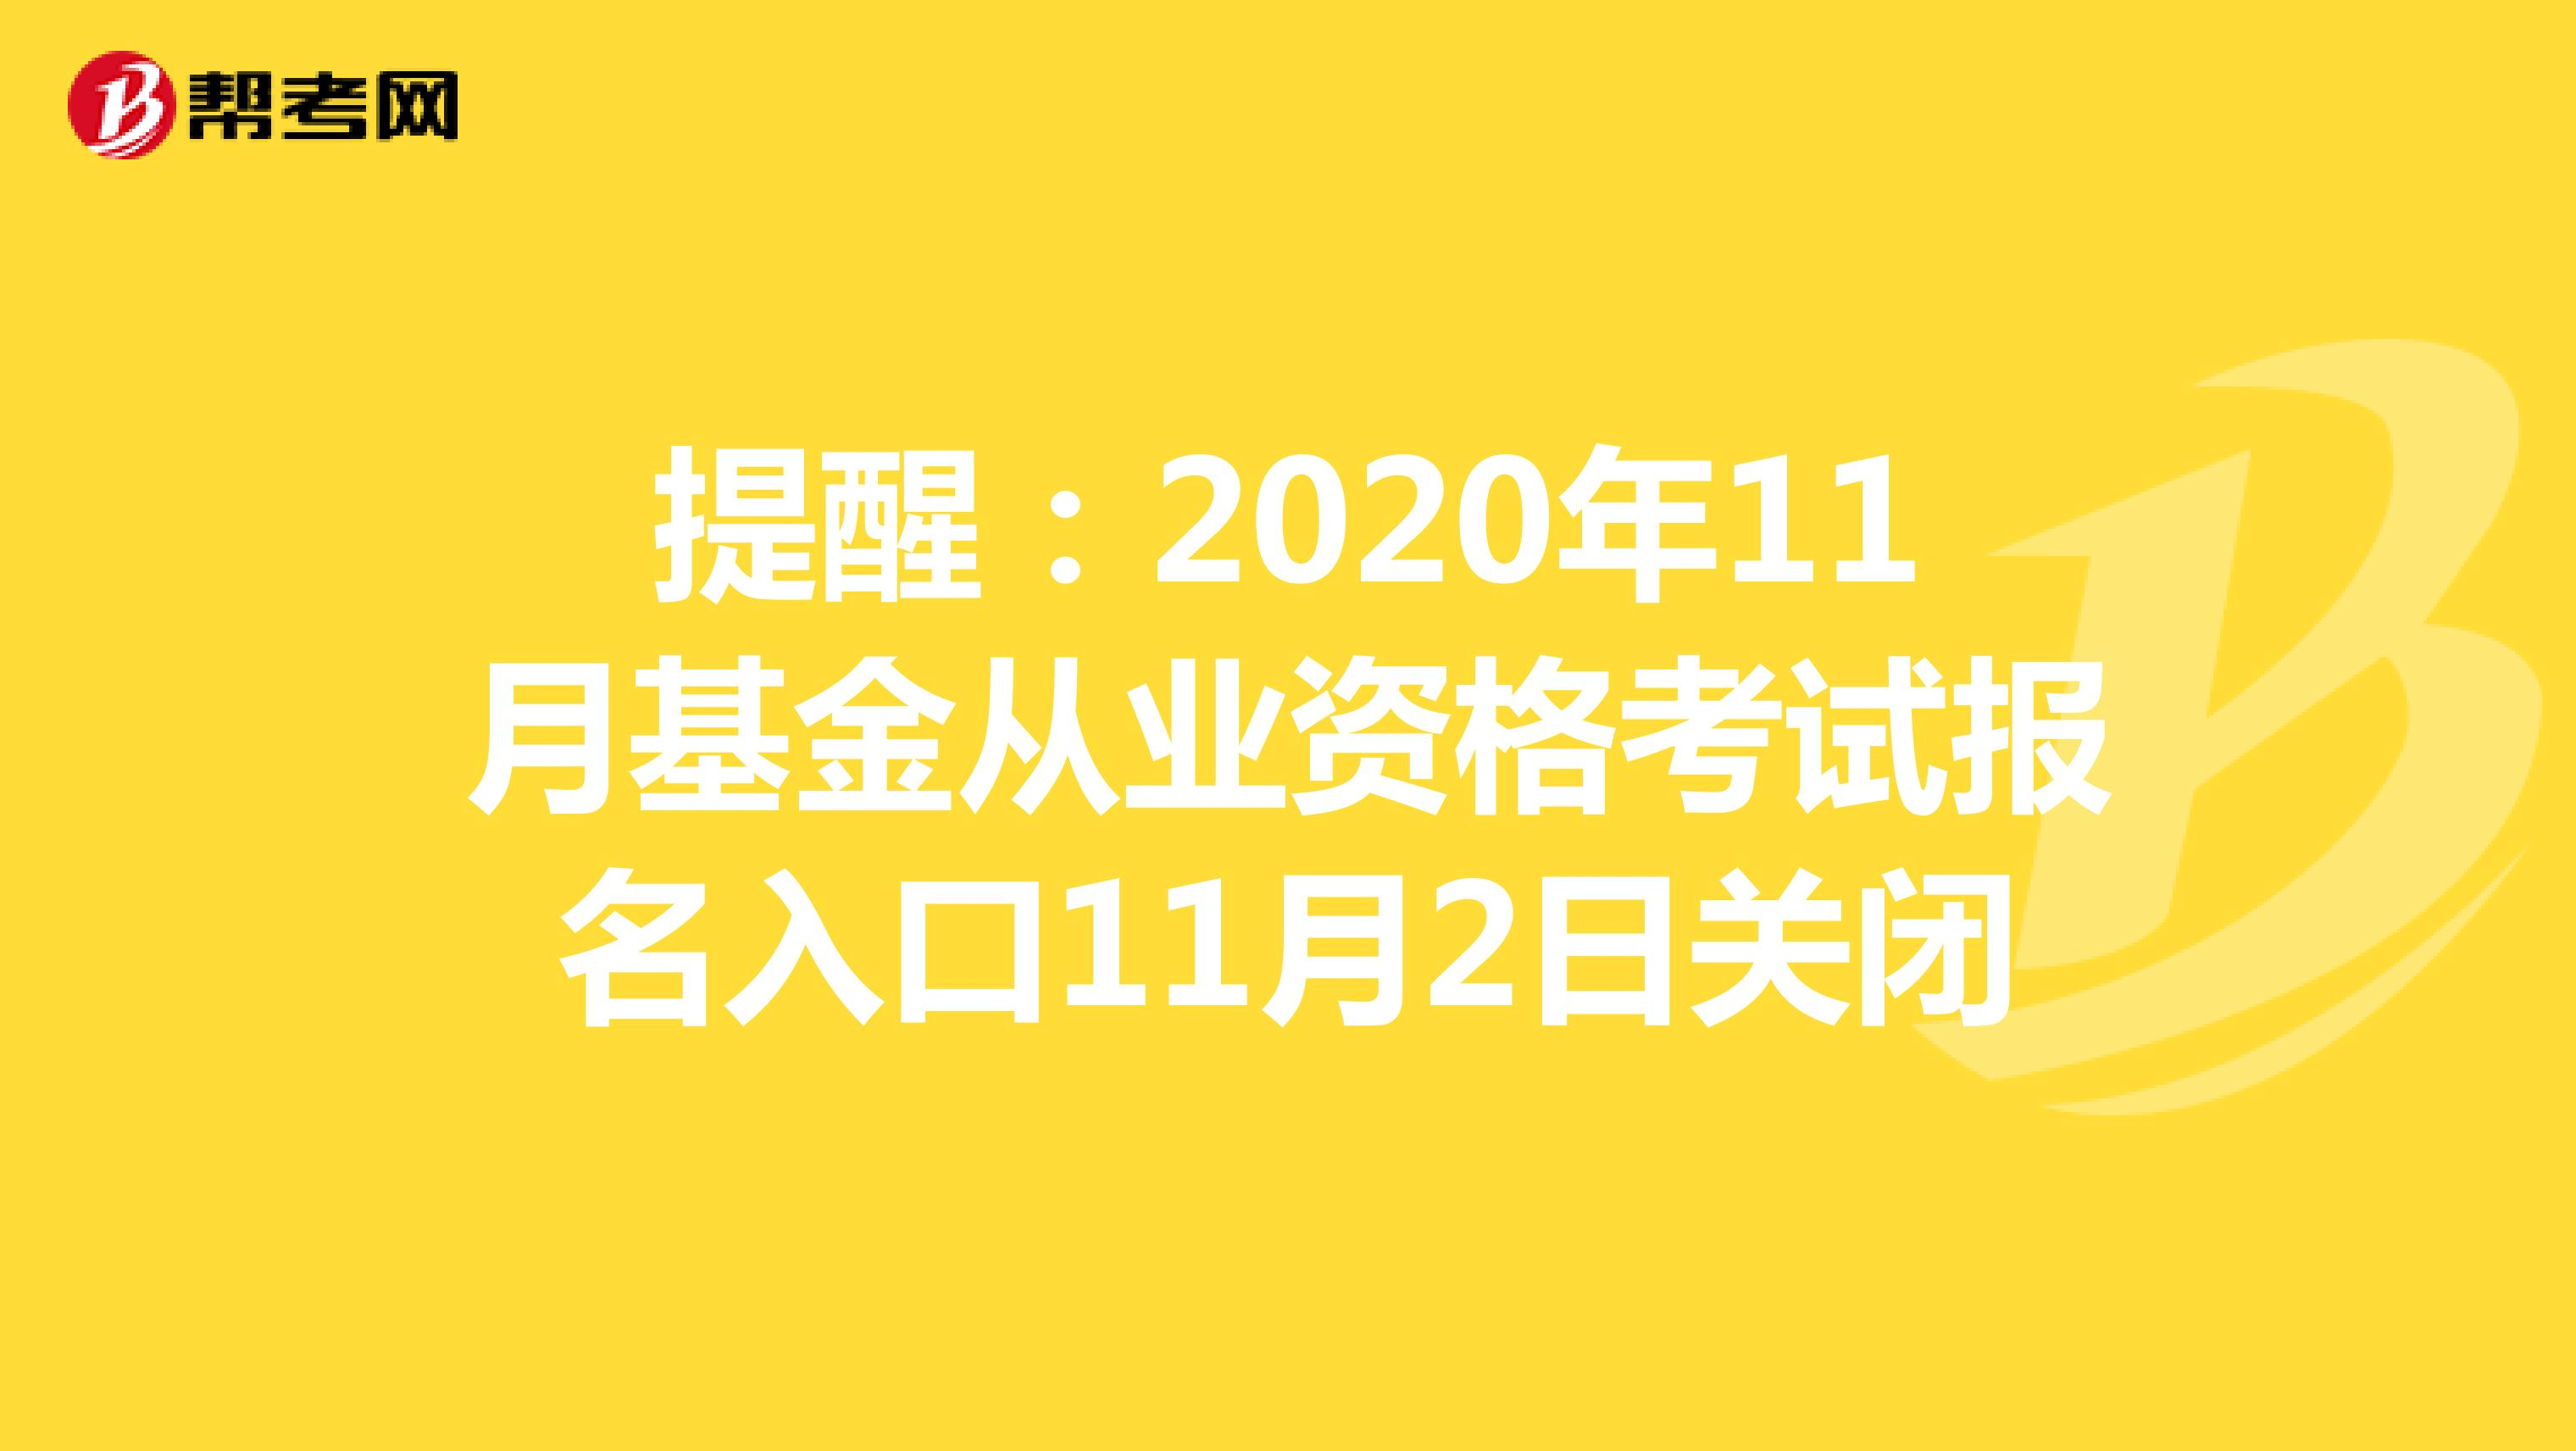 提醒:2020年11月基金从业资格考试报名入口11月2日关闭